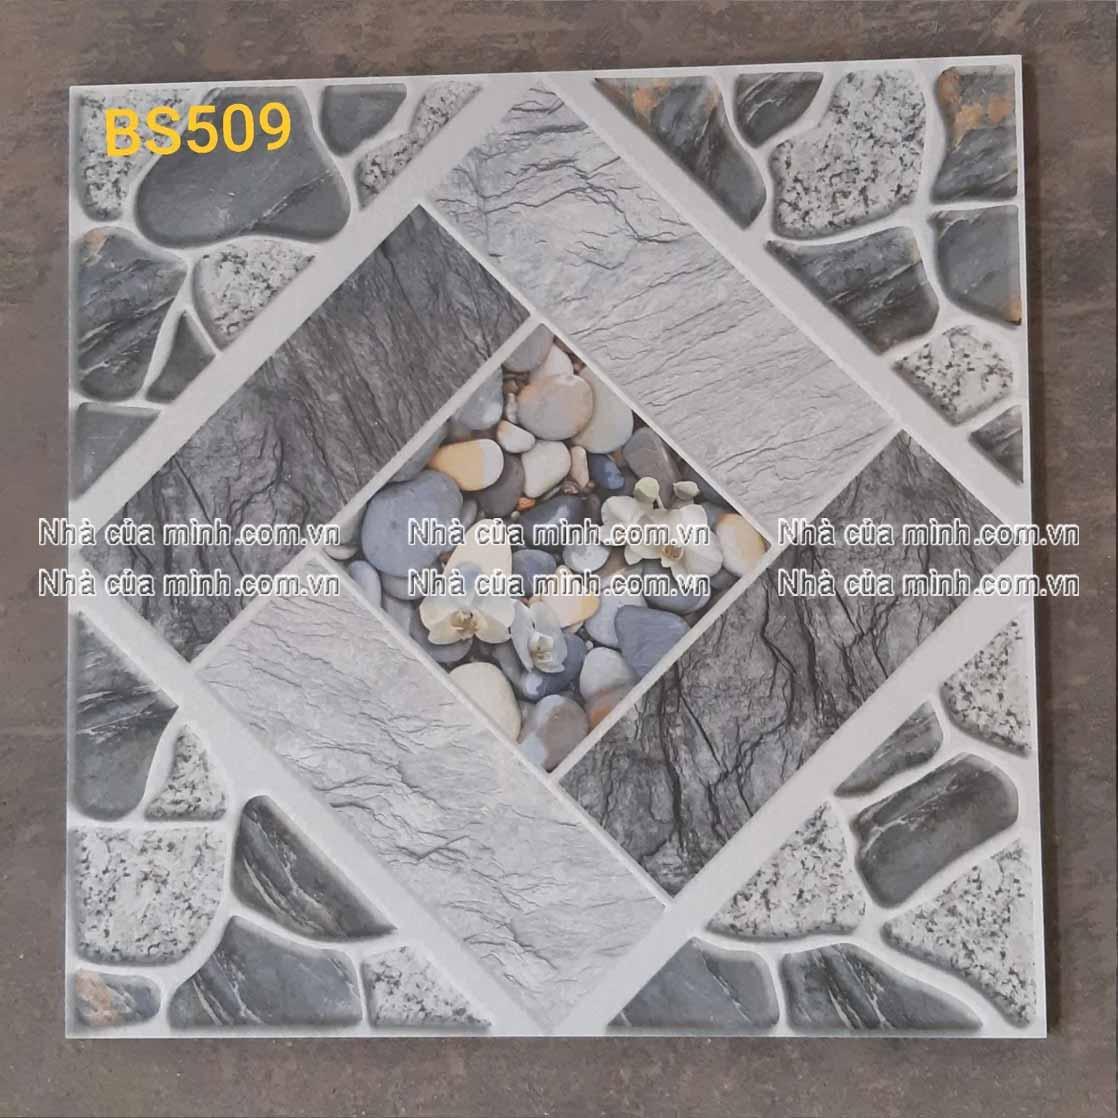 Gạch sân vườn 50x50 Viglacera BS509 giá rẻ